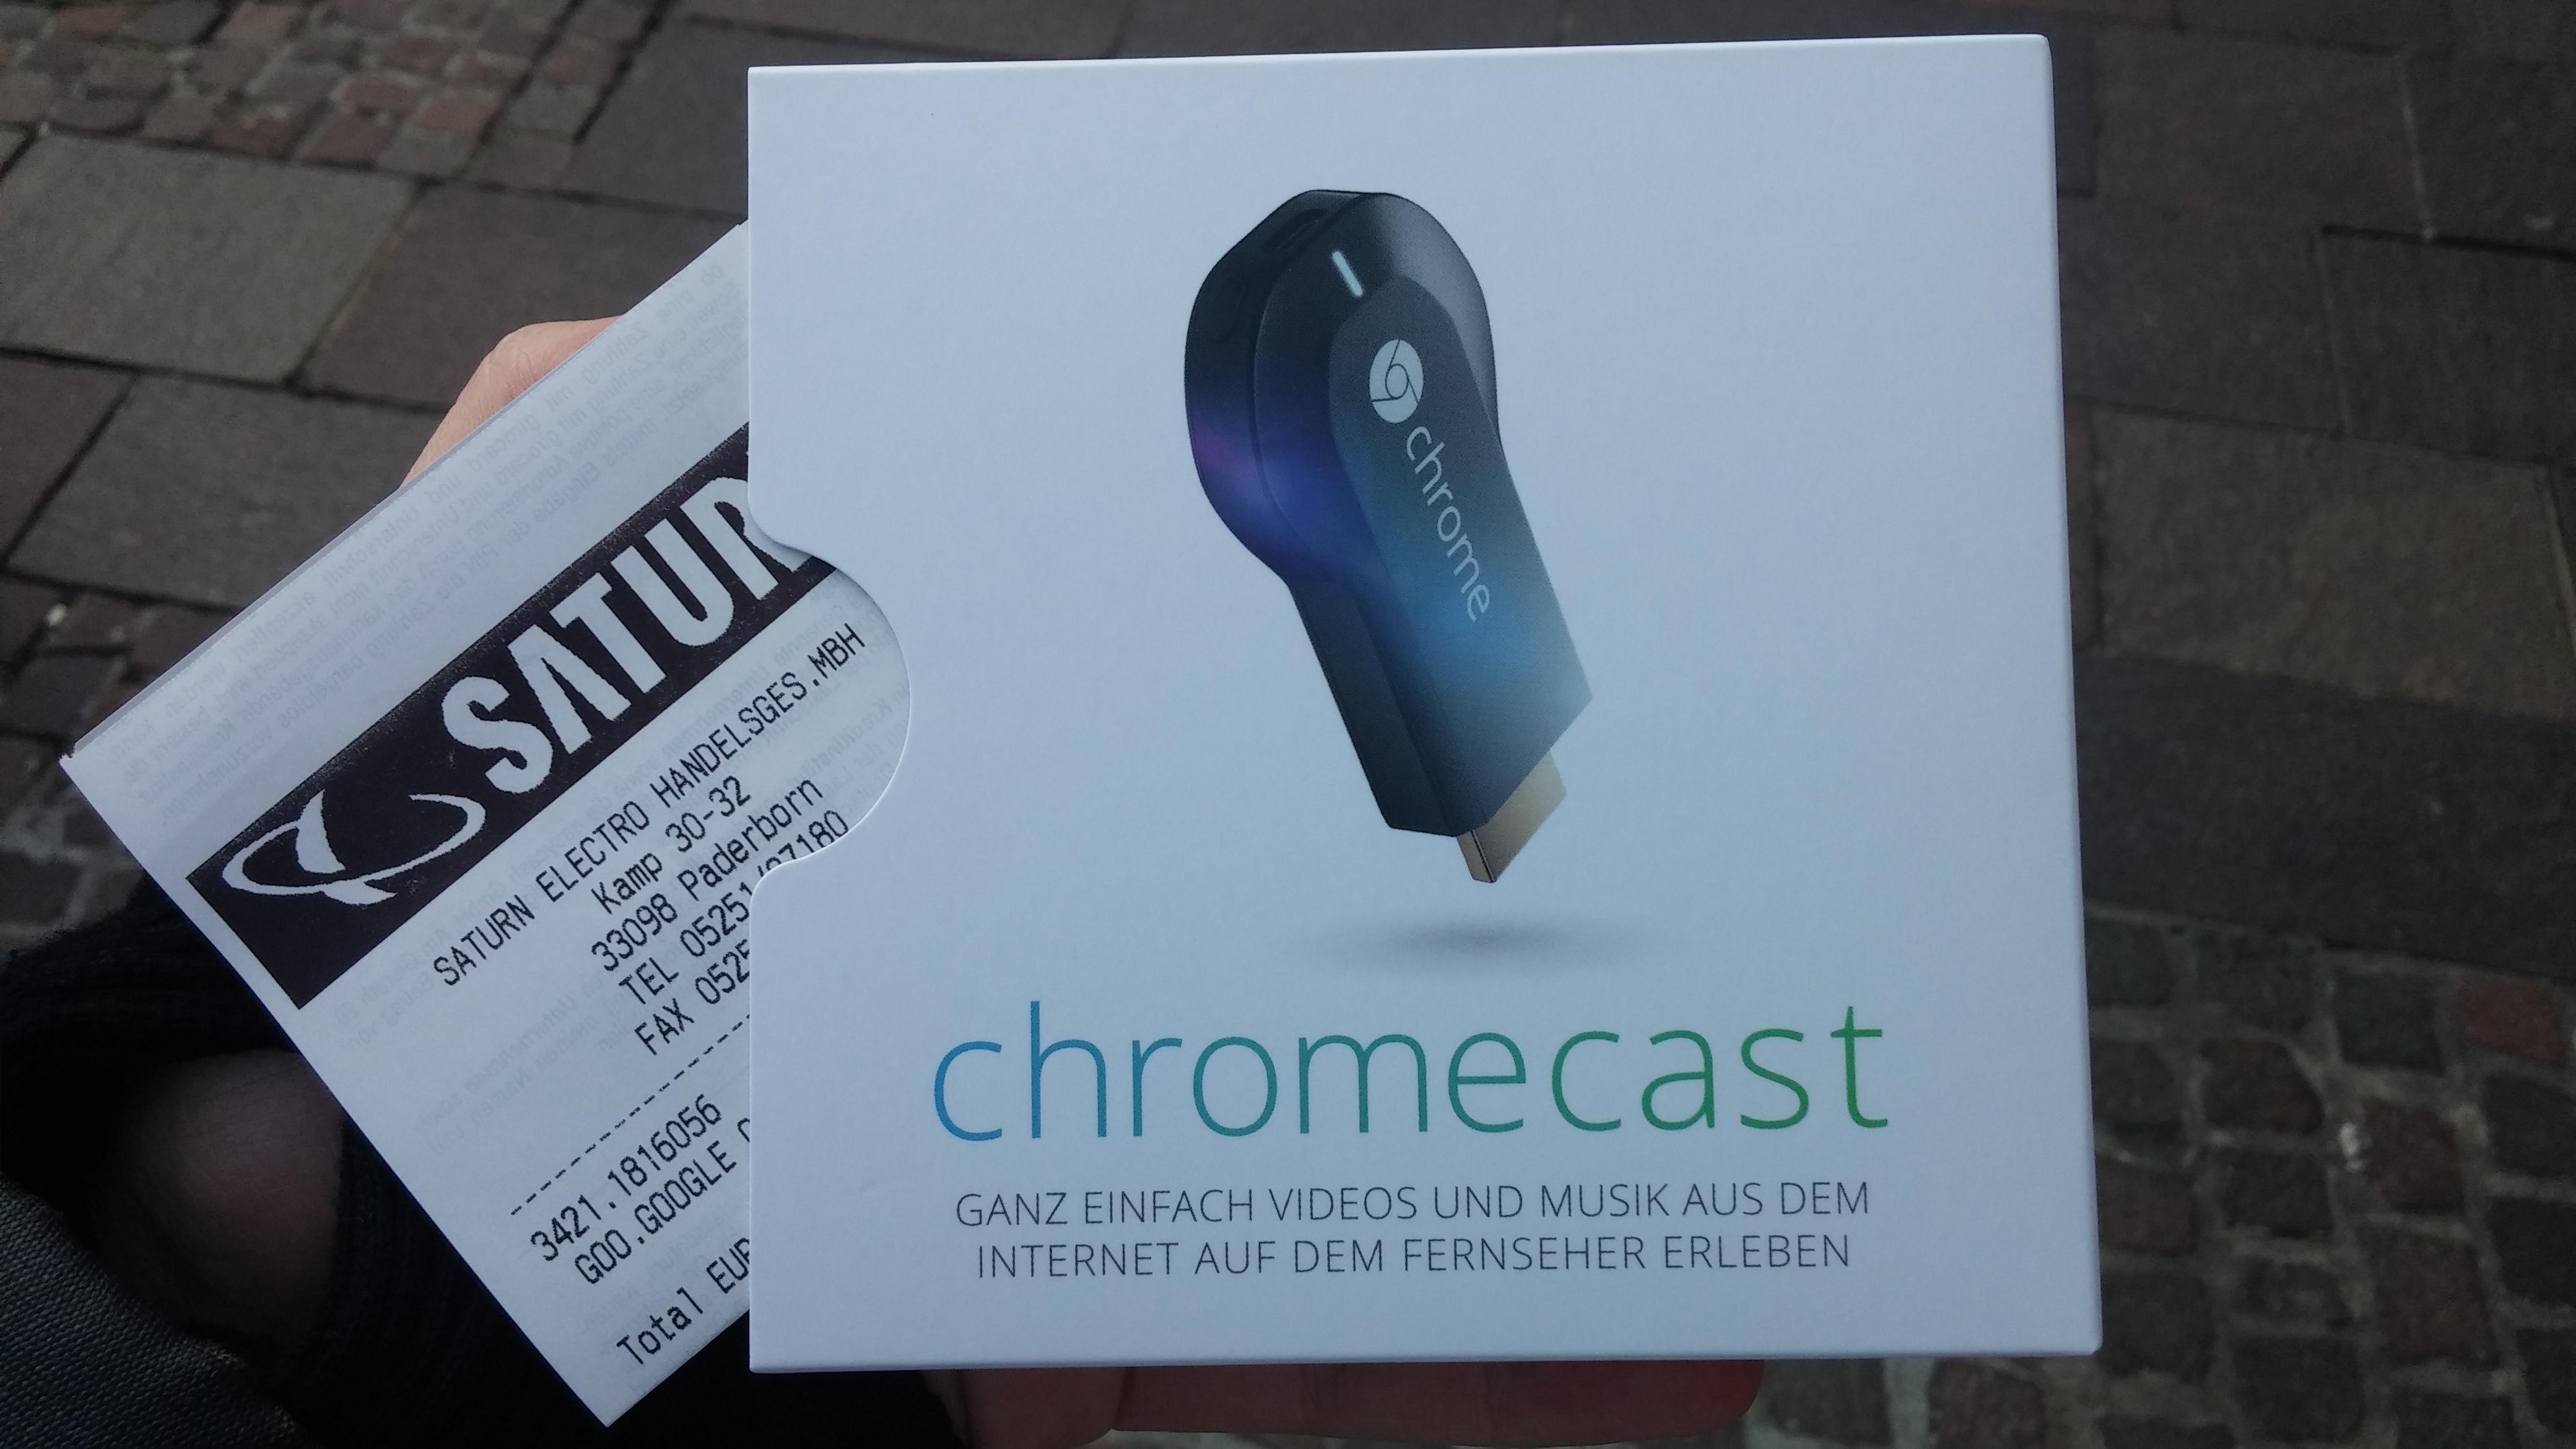 Google Chromecast jetzt in Deutschland erhältlich